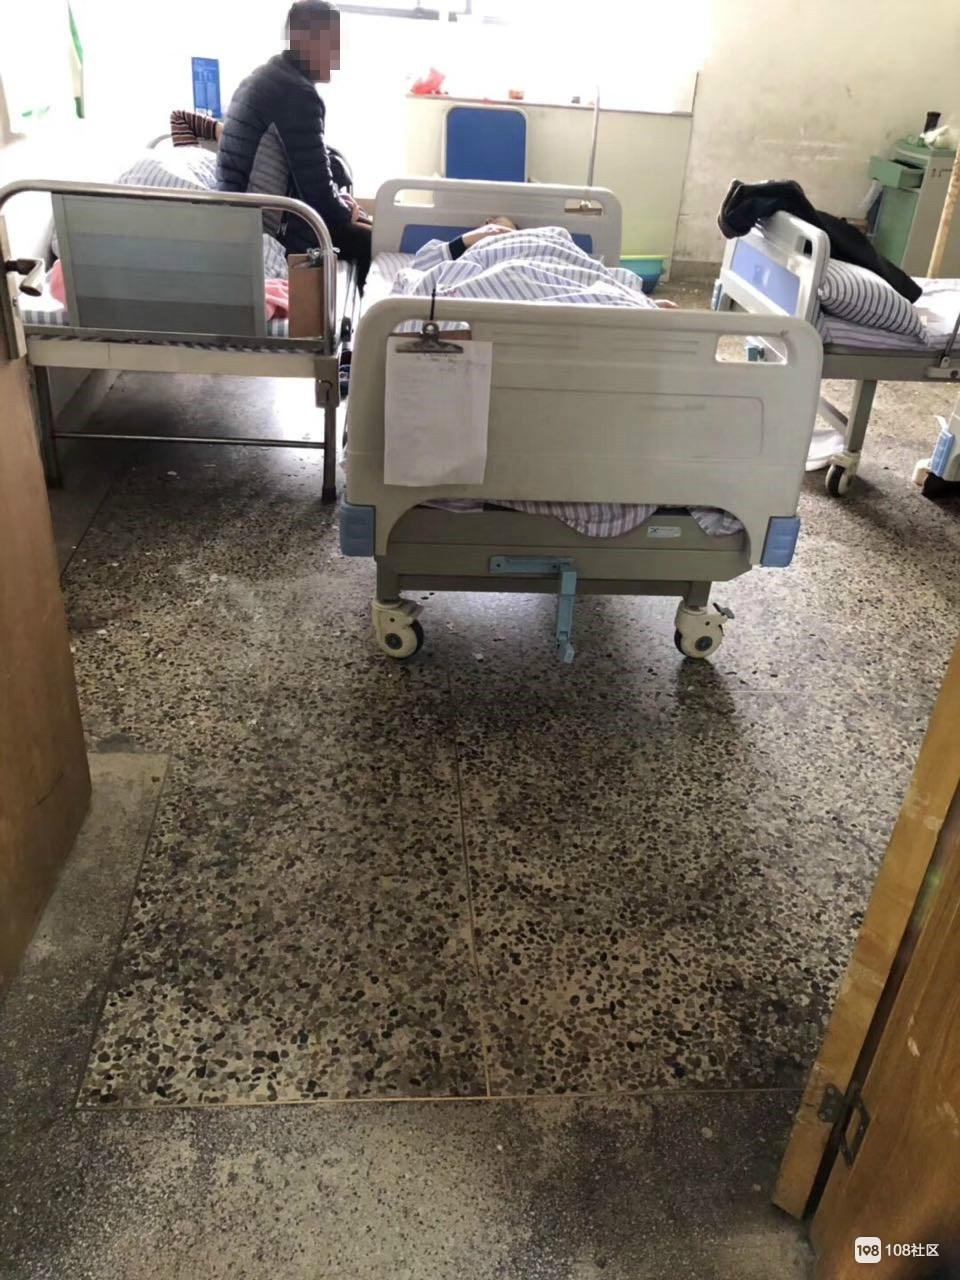 镇巴佬住医院半夜竟被天花板水泥块砸伤 医院也不给个说法